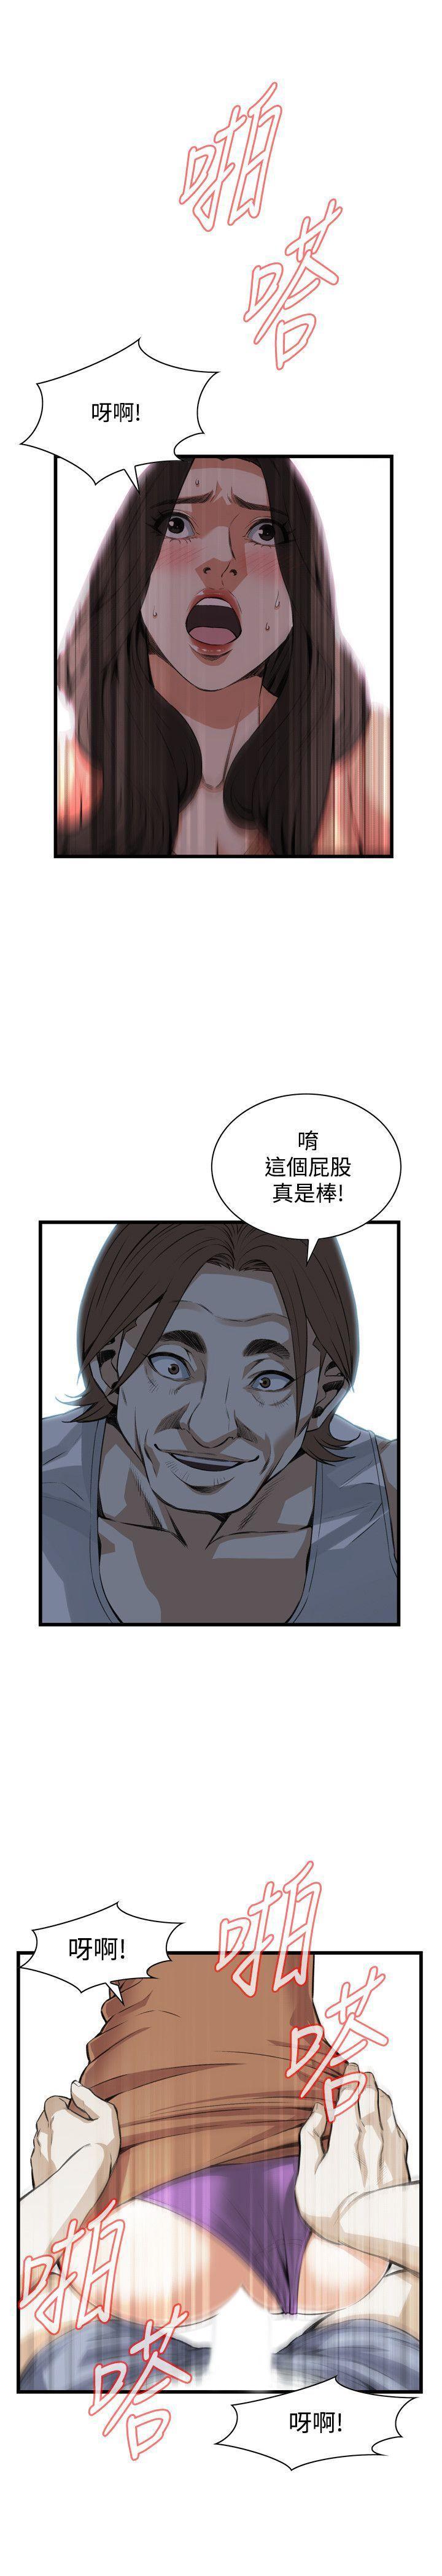 偷窥72-93 Chinese Rsiky 350